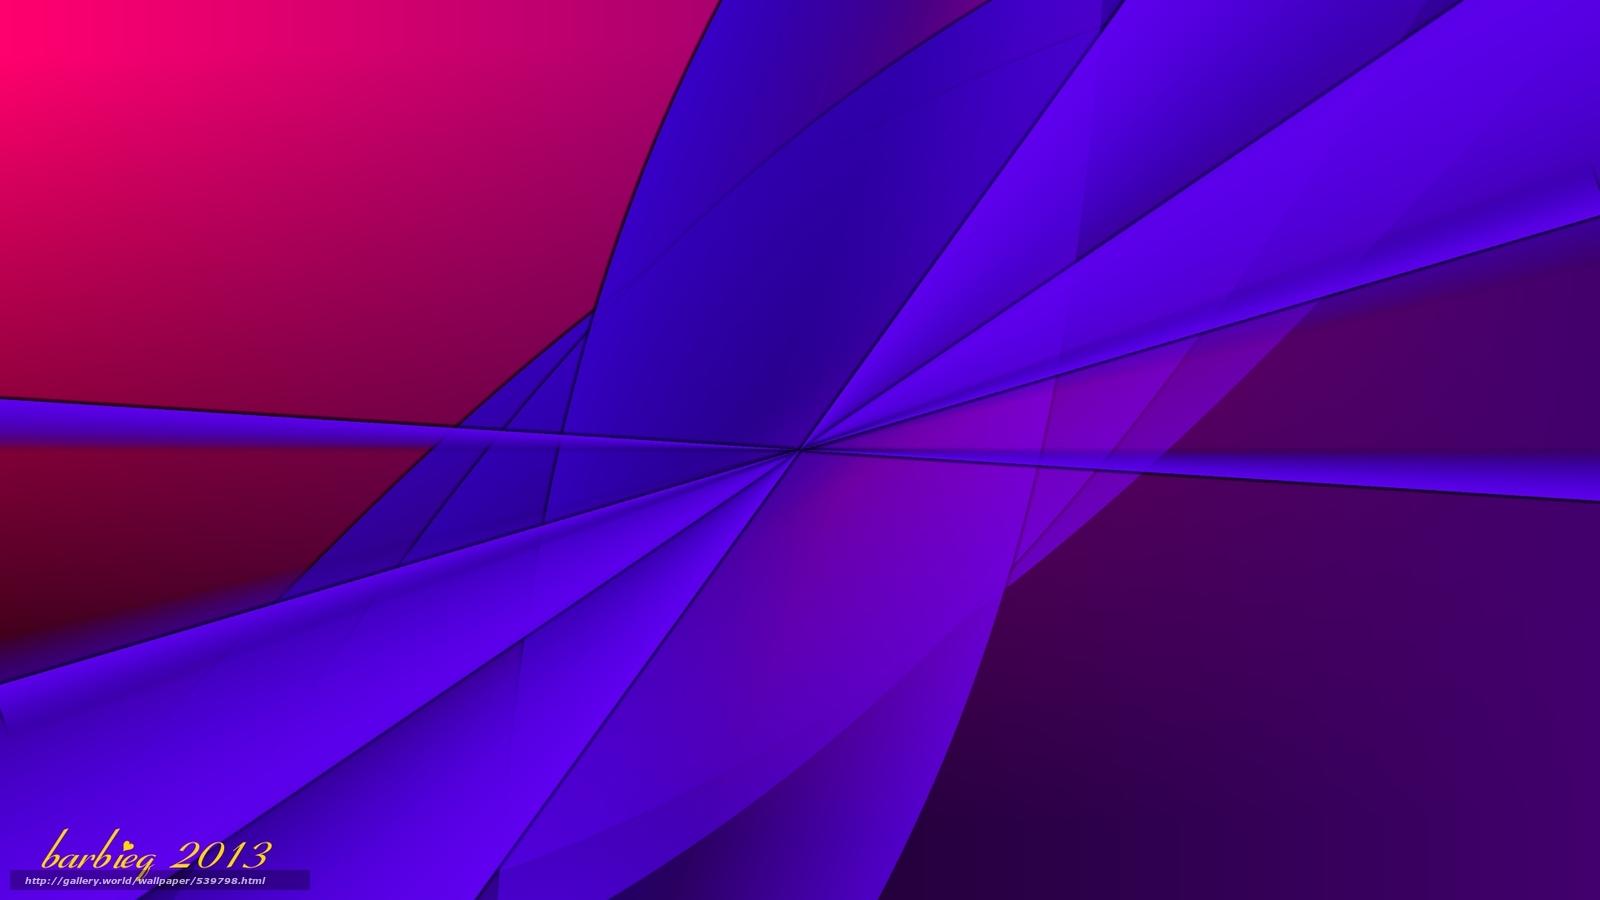 Скачать обои абстракция,  3d,  art бесплатно для рабочего стола в разрешении 1920x1080 — картинка №539798